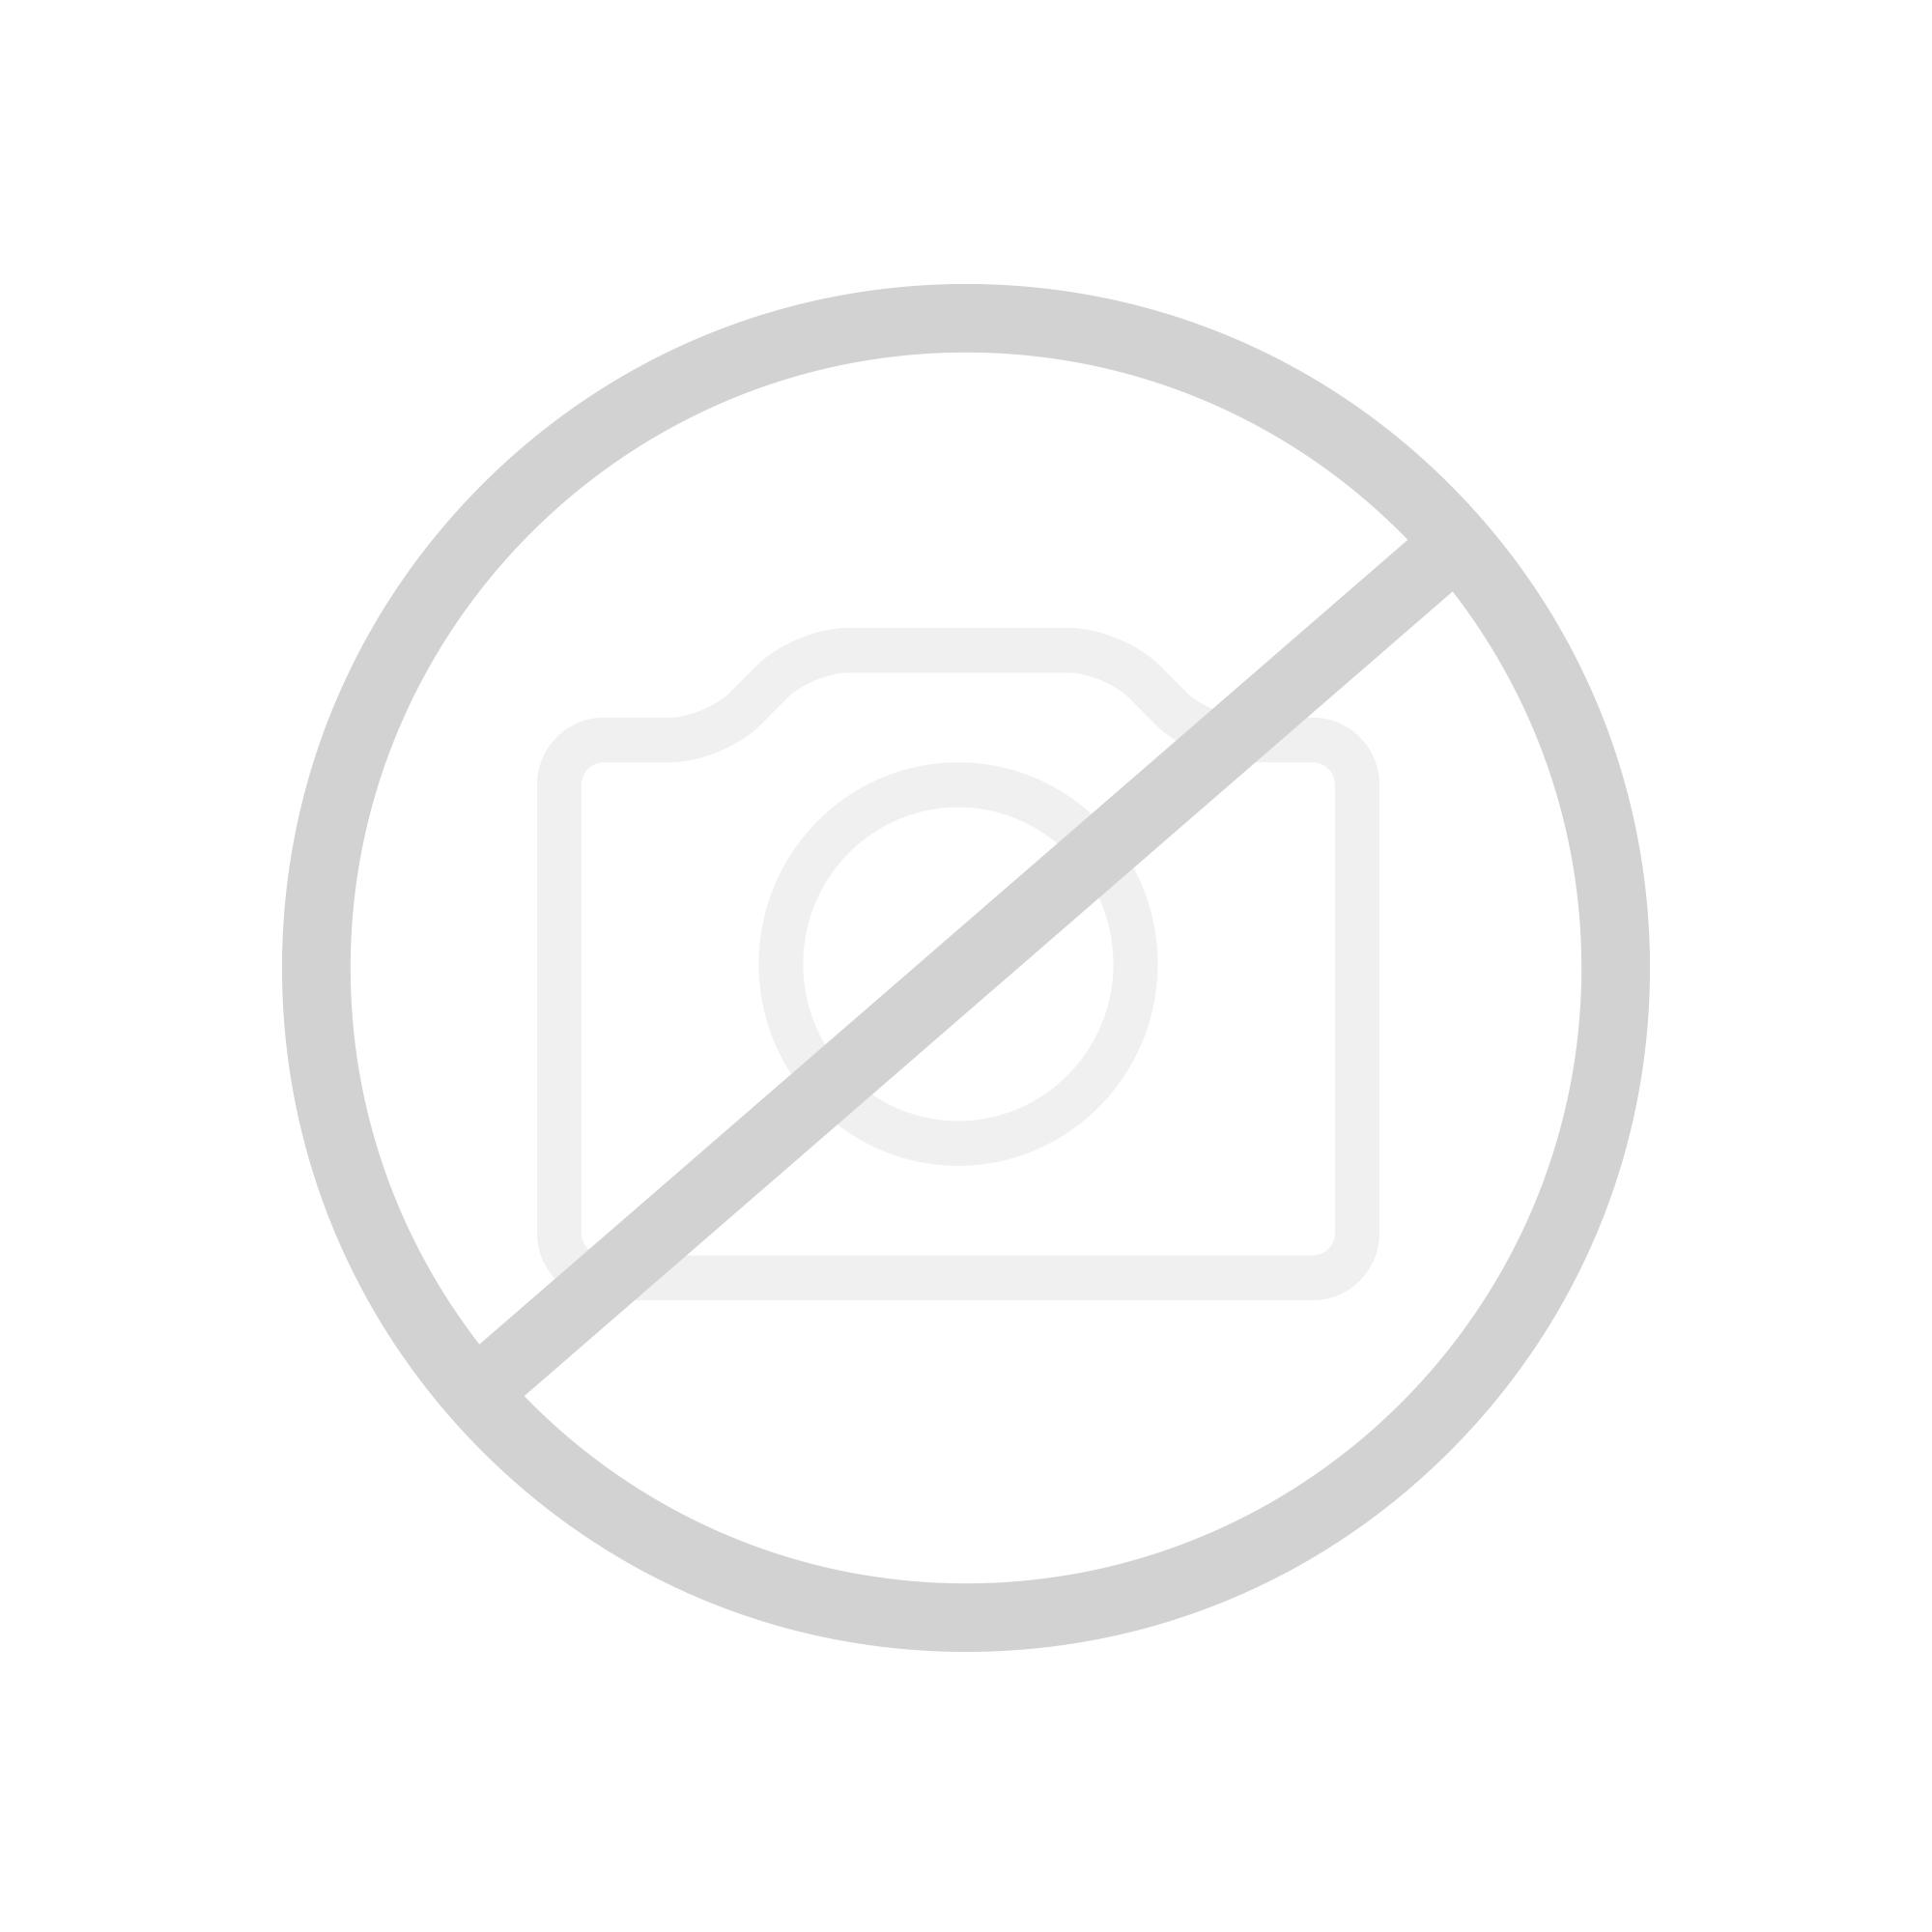 einbau sple simple einbauspule gebraucht kaufen bessenbach with einbau sple best excellent. Black Bedroom Furniture Sets. Home Design Ideas